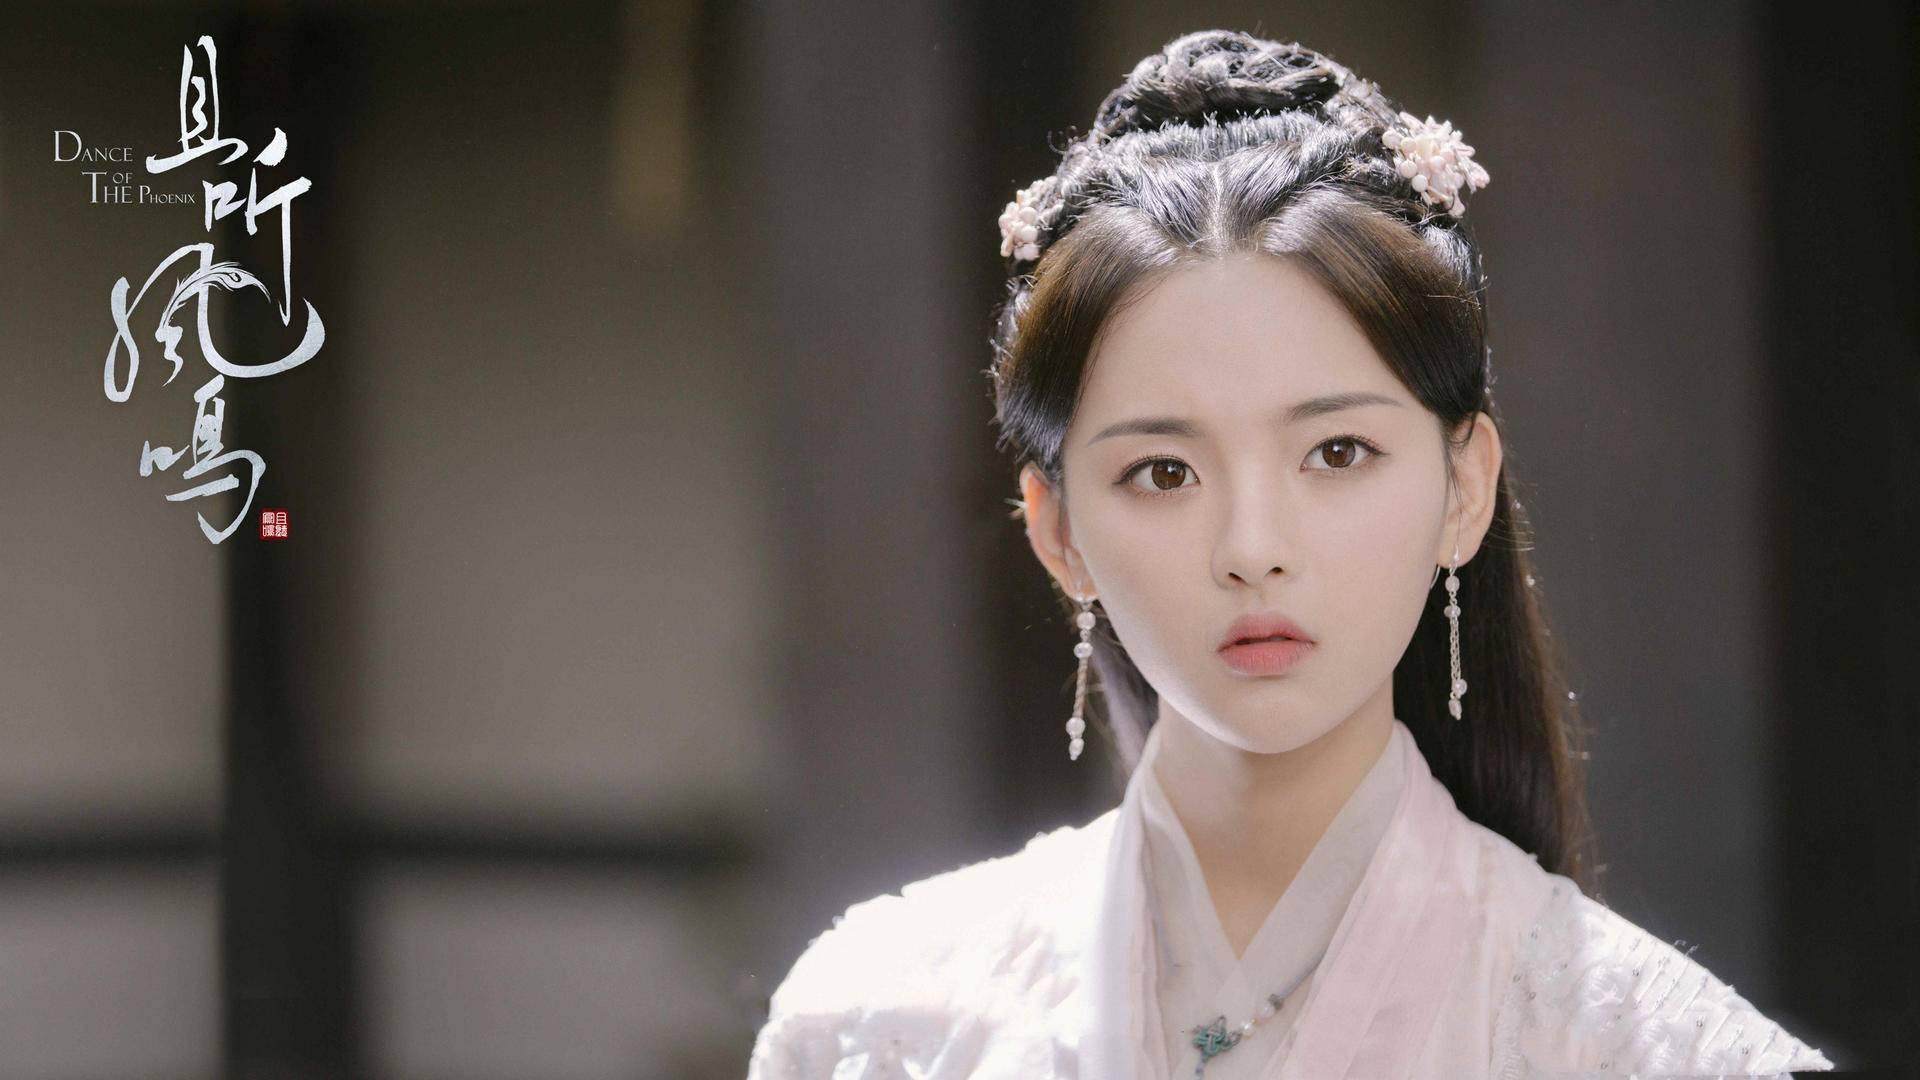 Top 10 bộ phim Hoa ngữ được mong đợi nhất năm 2020: Phim của Tiêu Chiến lại dẫn đầu, Vương Nhất Bác 'lăm le' soán ngôi - Ảnh 2